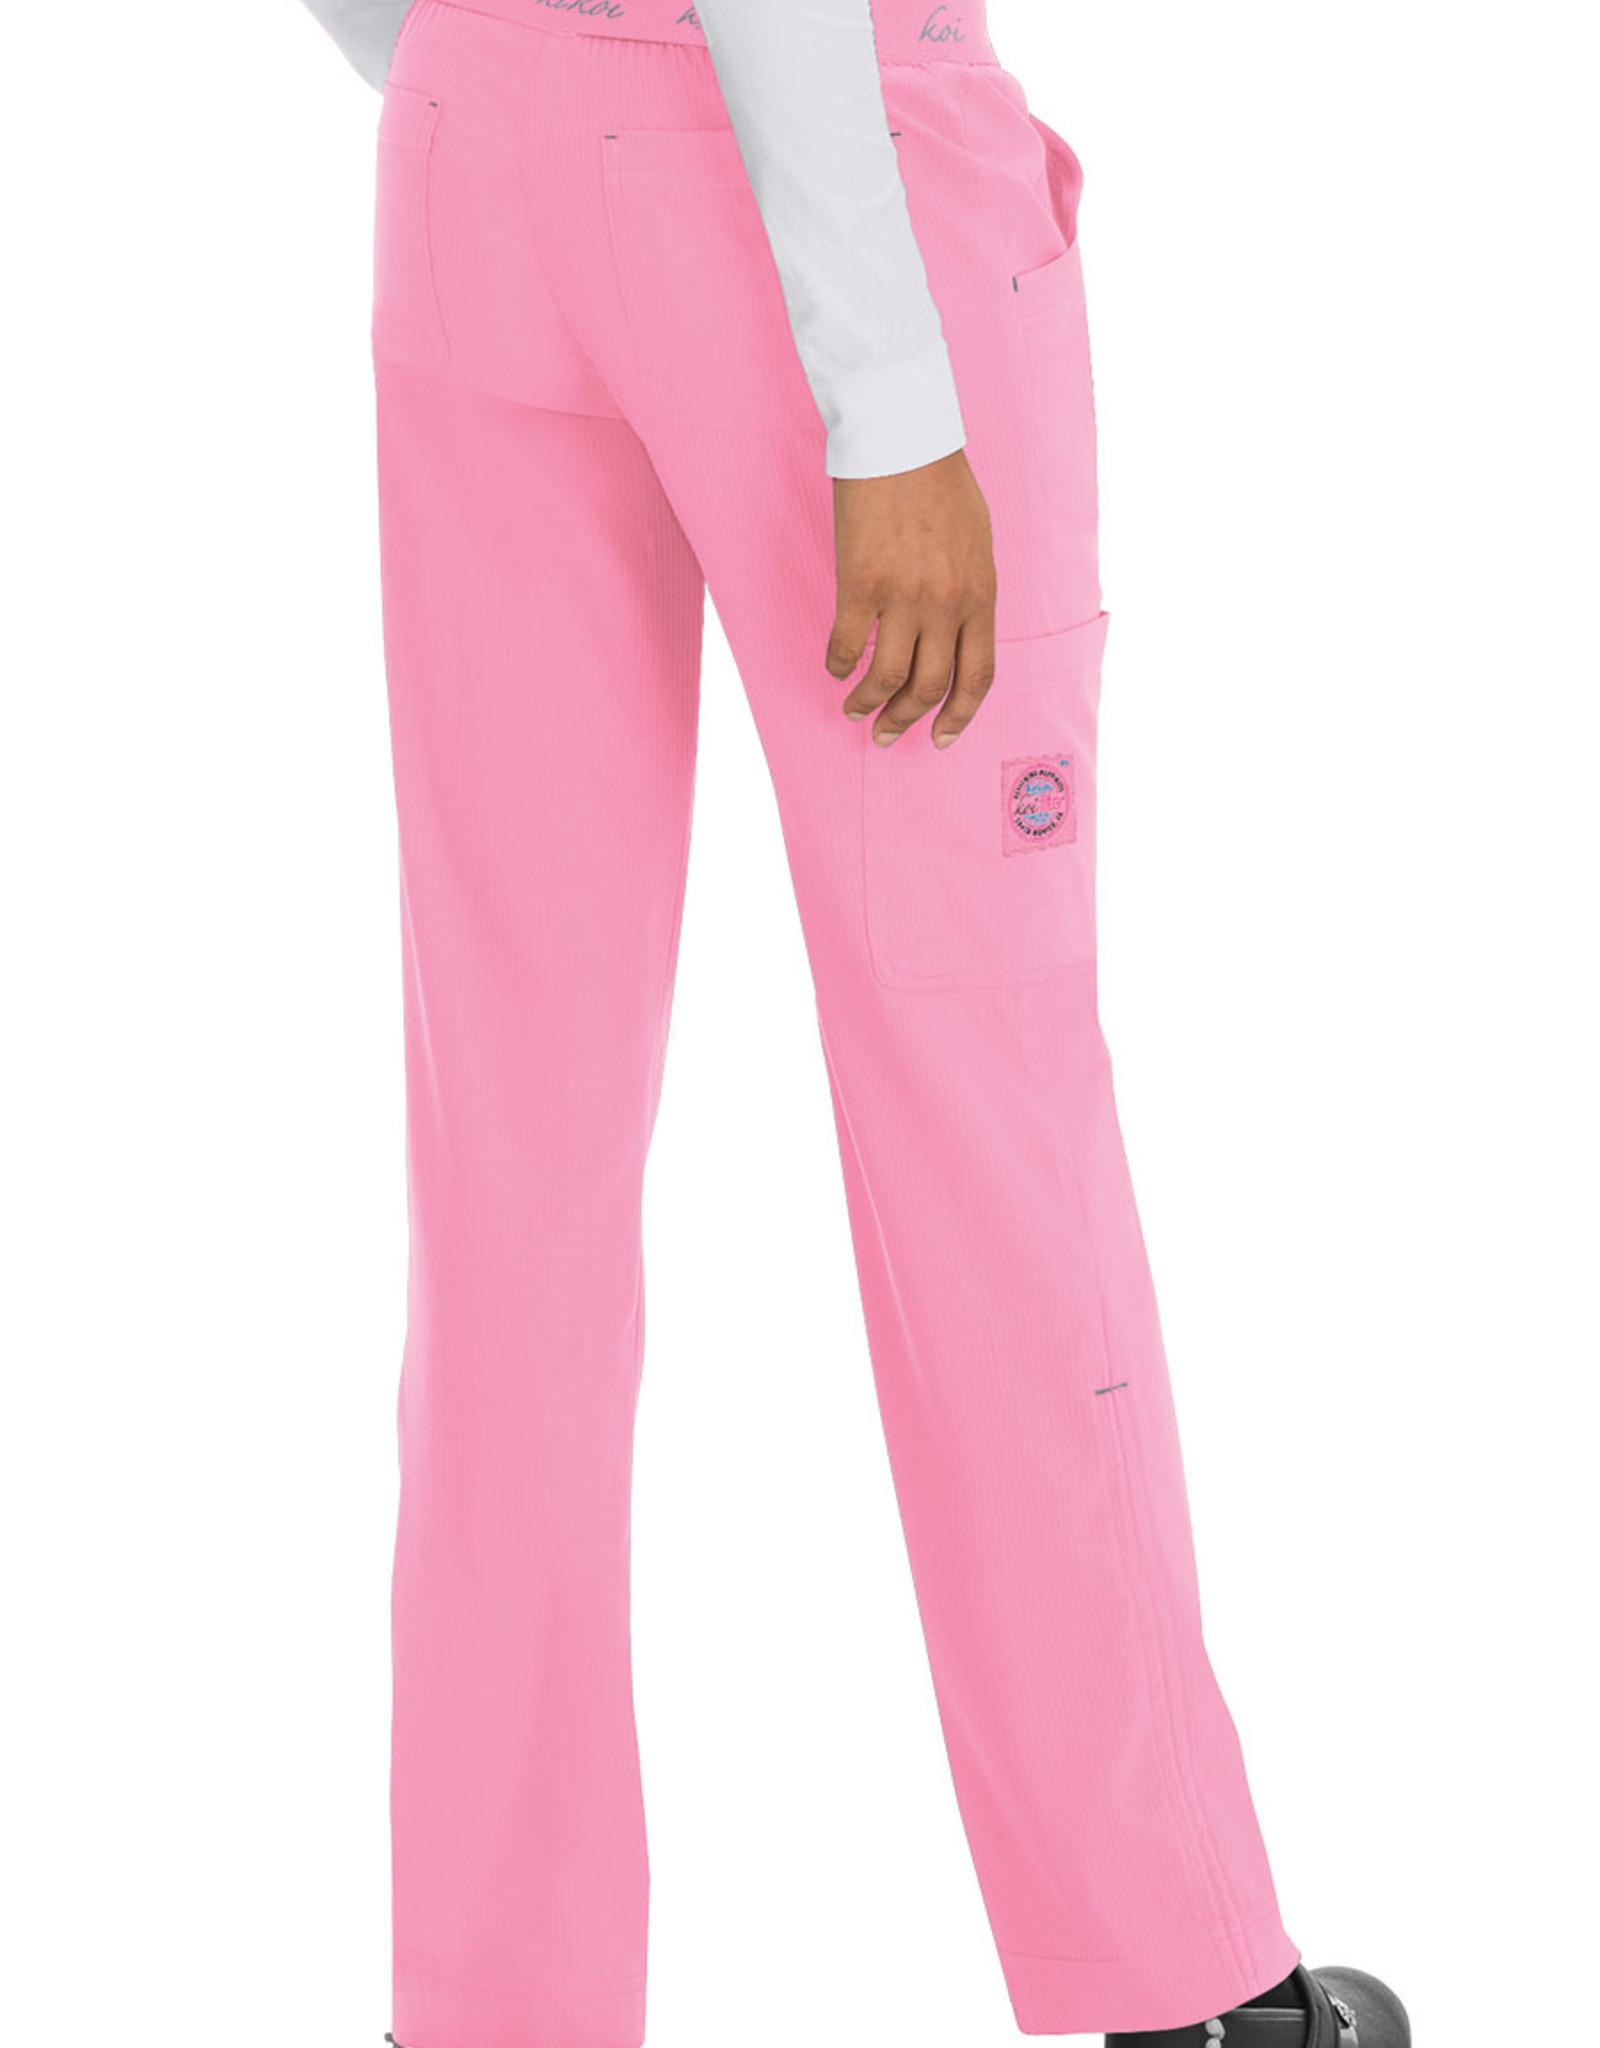 Koi Lite Koi 720 Spirit Pant More Pink